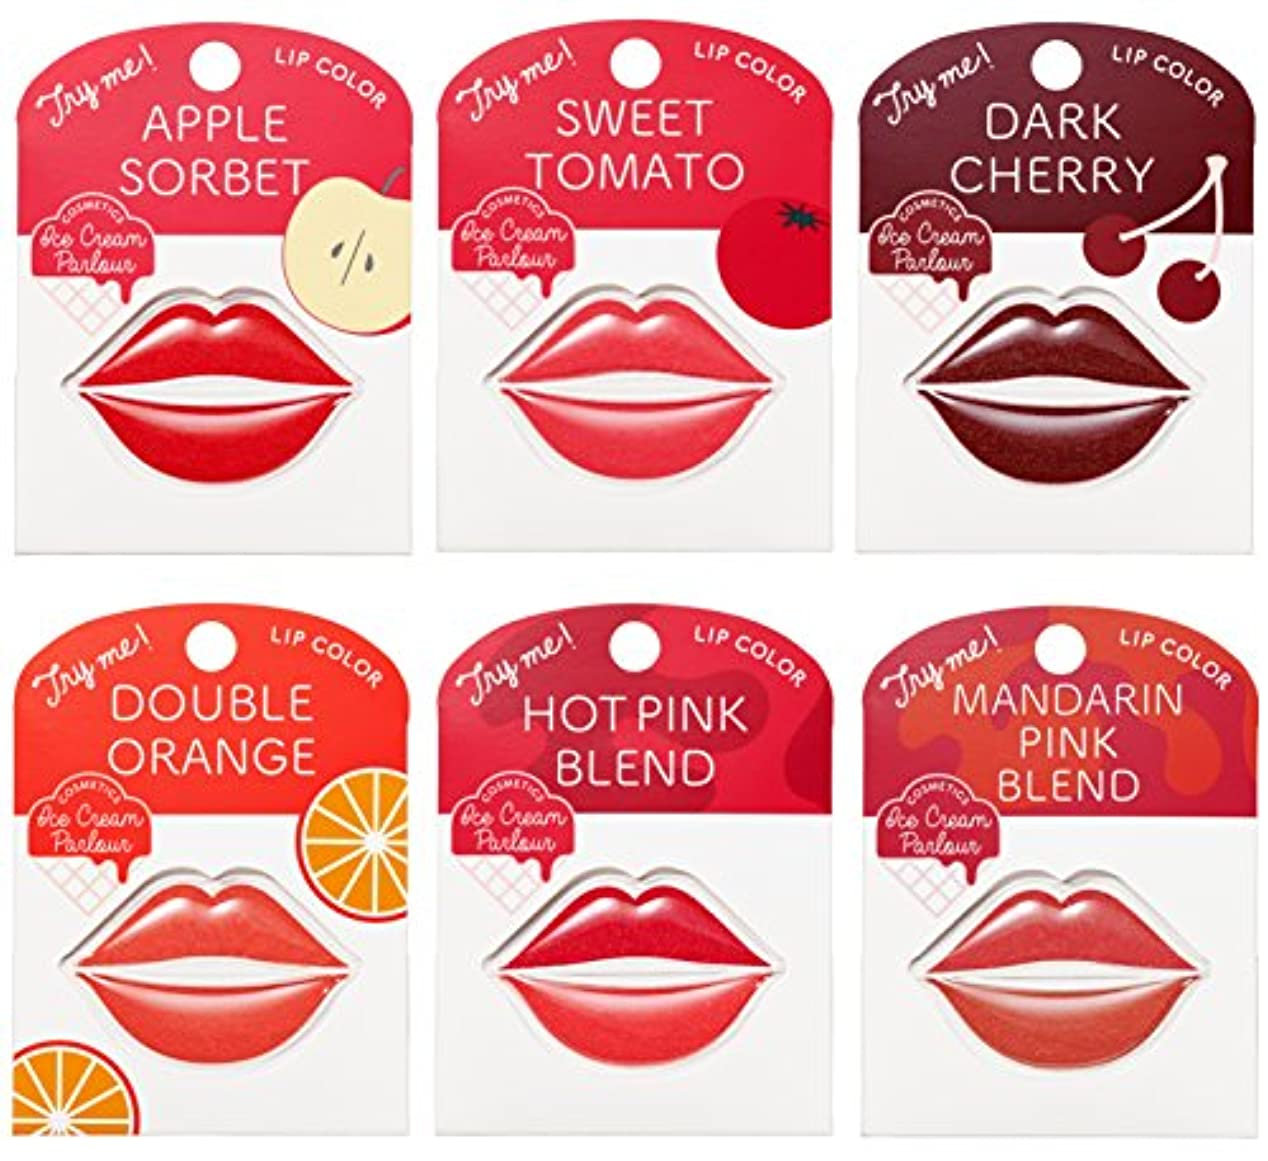 パイント意識的マーキングアイスクリームパーラー コスメティクス リップカード全色セット